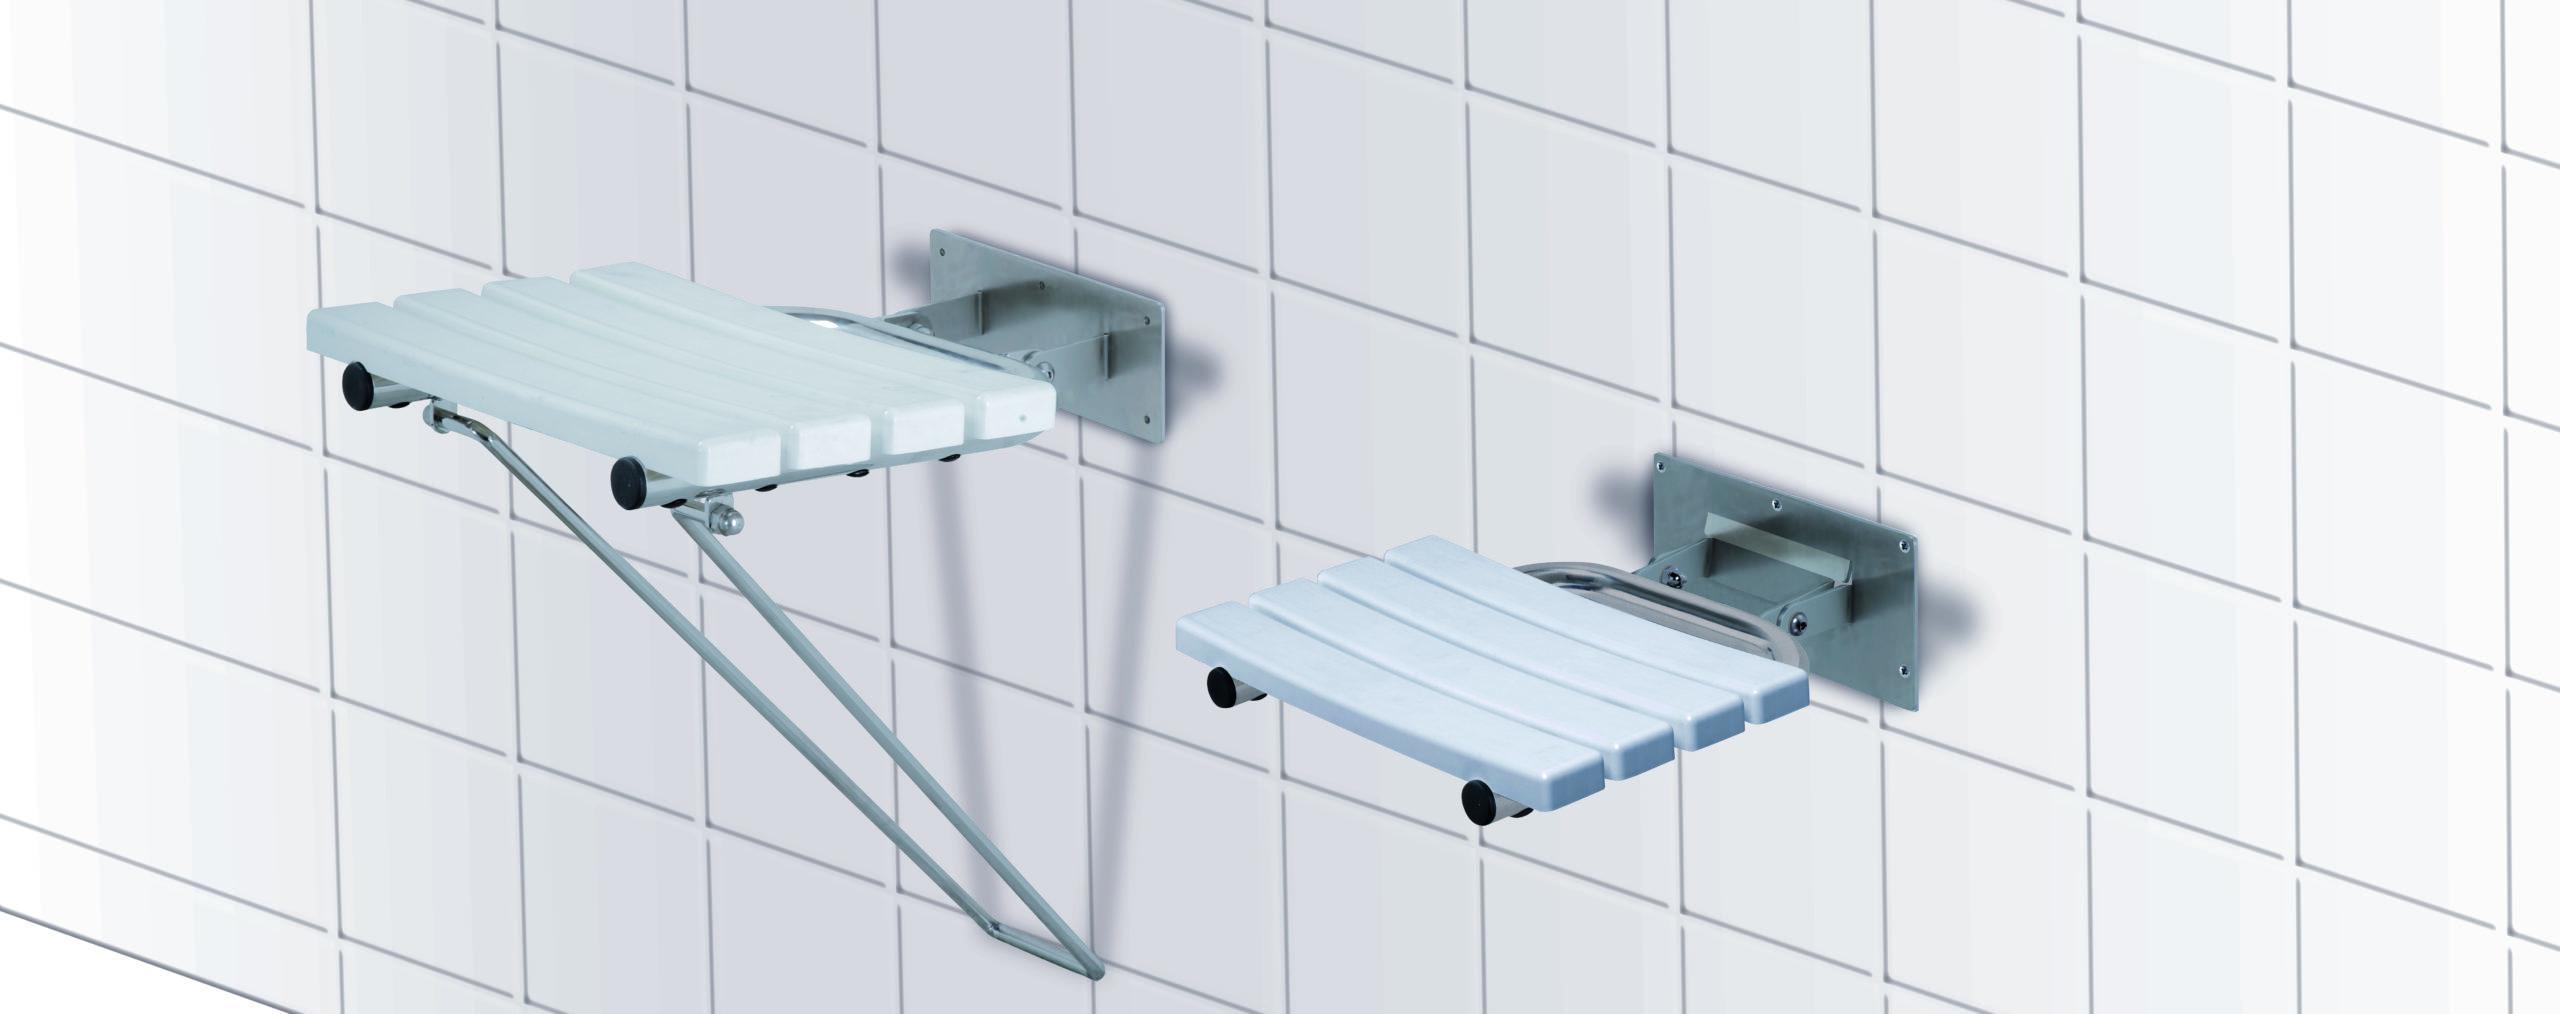 Sprchové sedátko závěsné sklopné